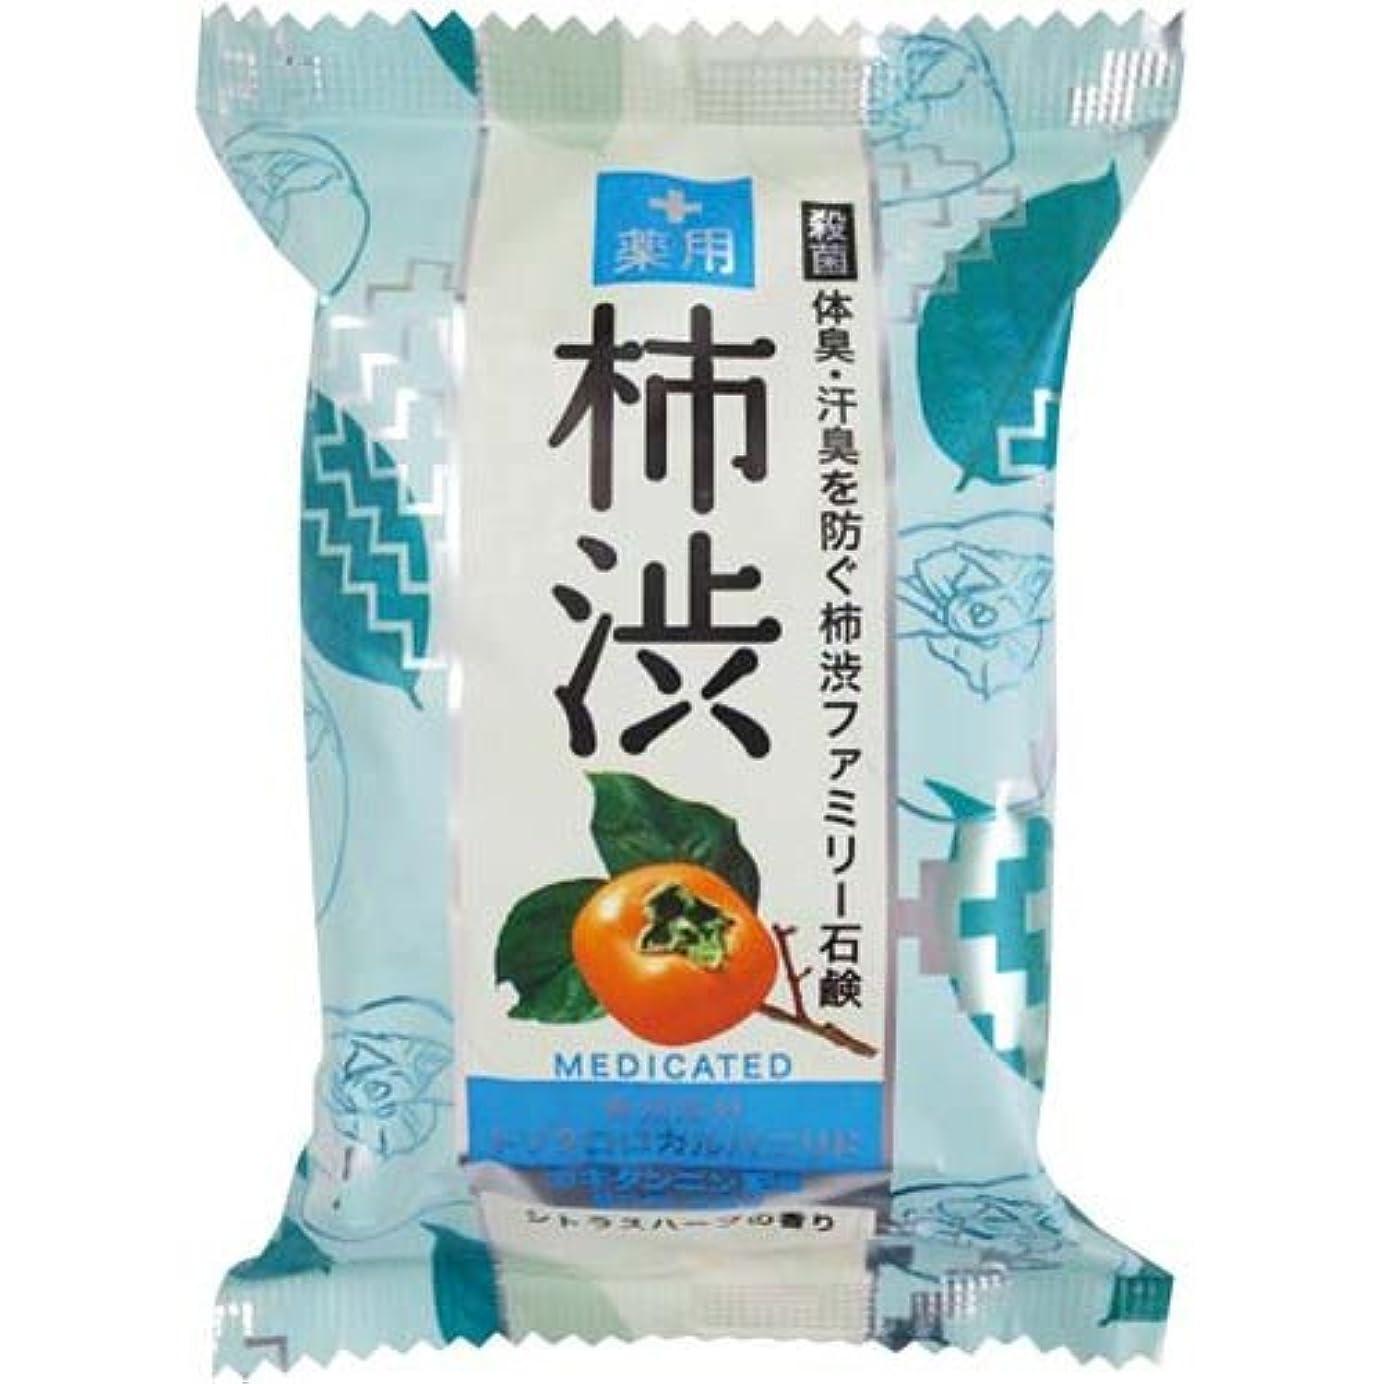 礼拝前売何もないペリカン石鹸 薬用ファミリー柿渋石鹸×6個×4箱